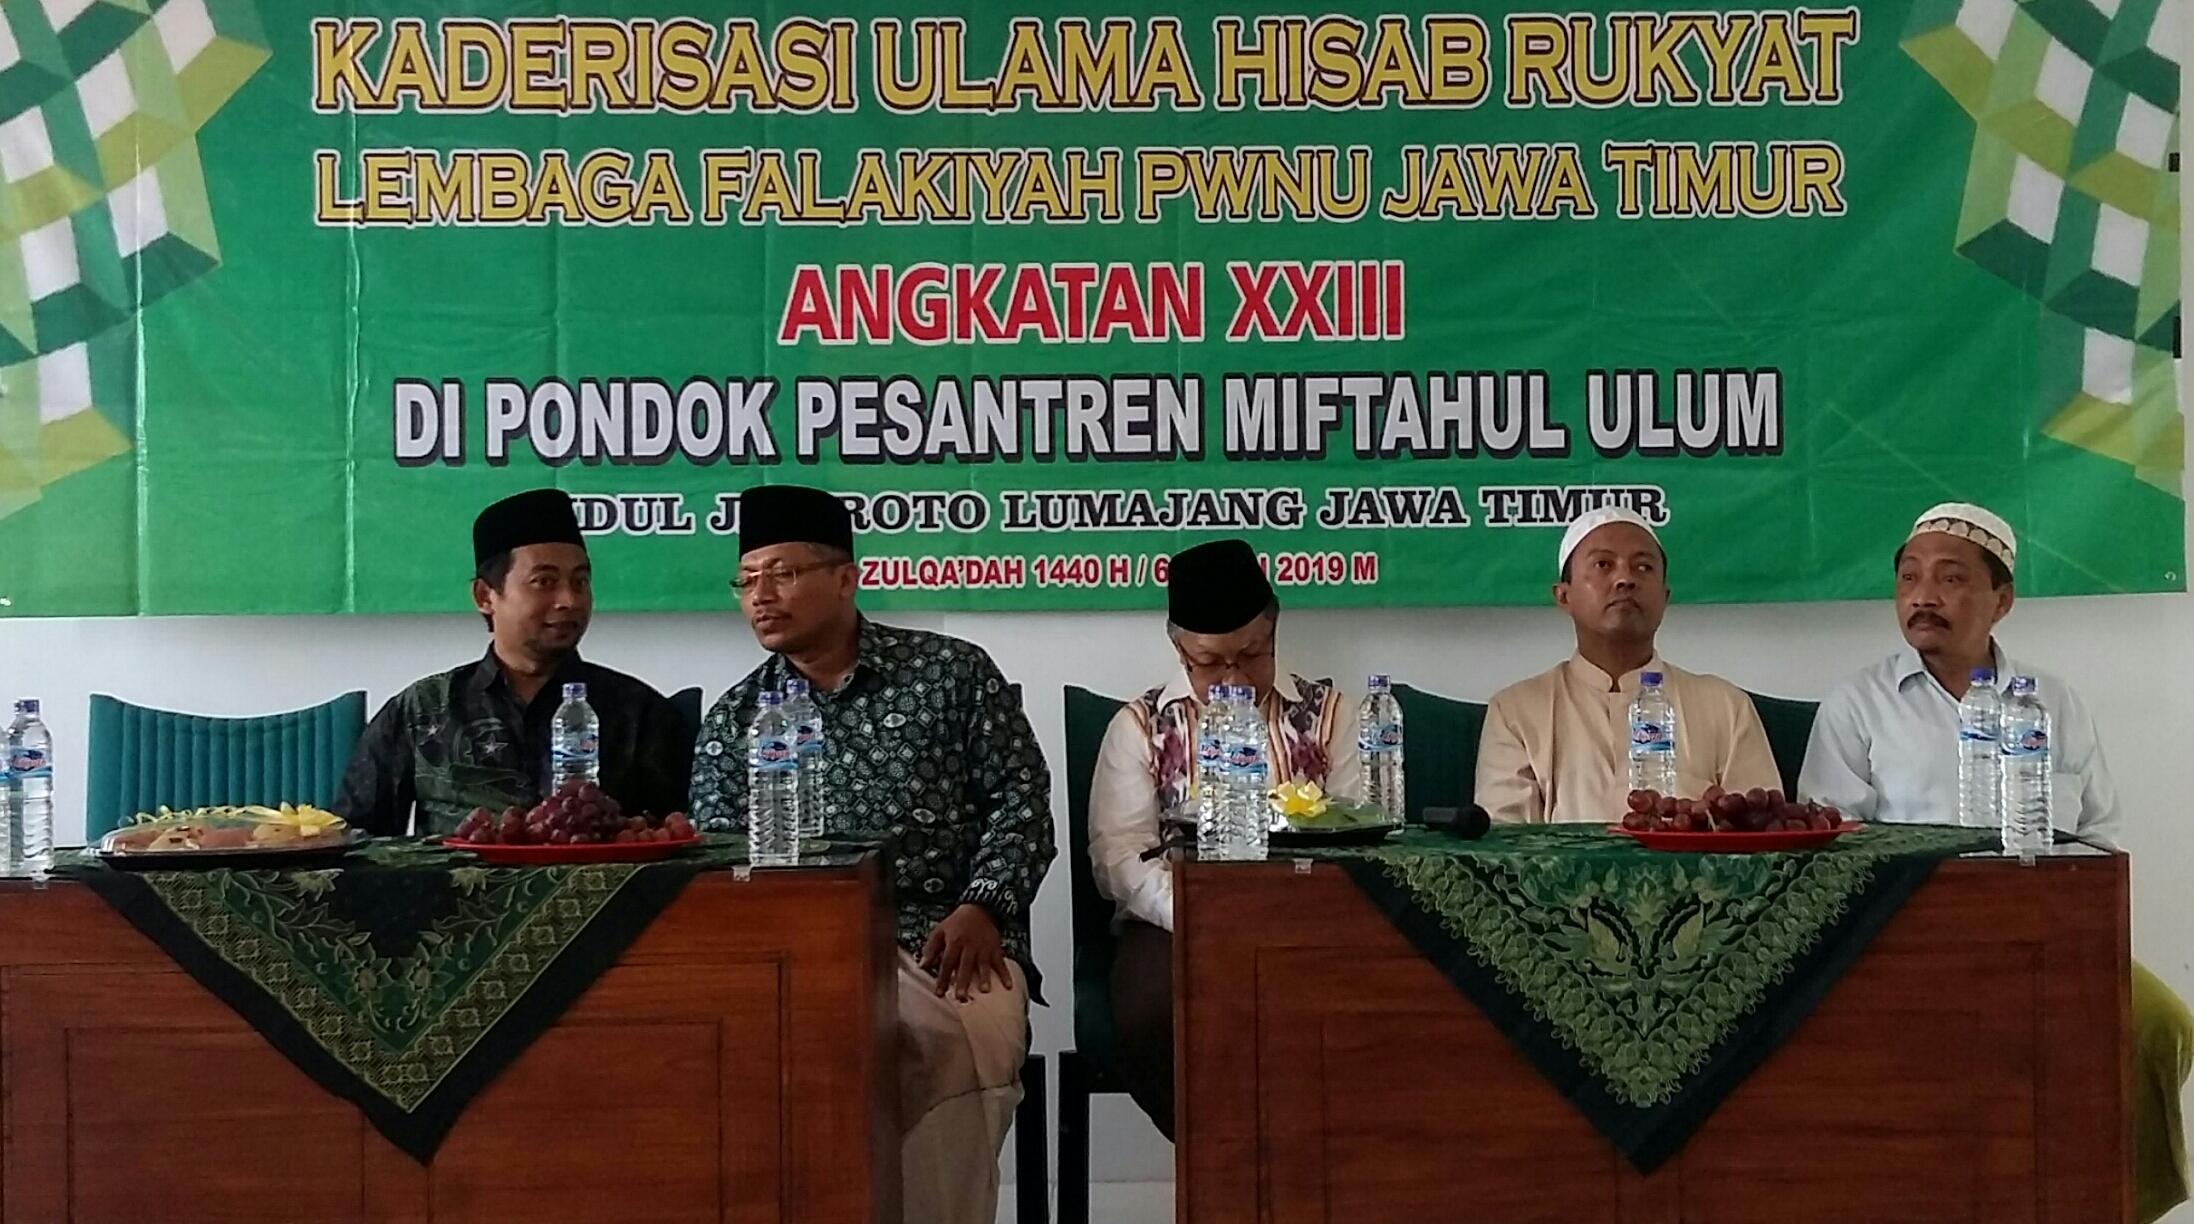 Lembaga Falakiyah PWNU Jawa Timur Gelar Kaderisasi Ulama Hisab Rukyat XXIII di PP. Miftahul Ulum Bakid